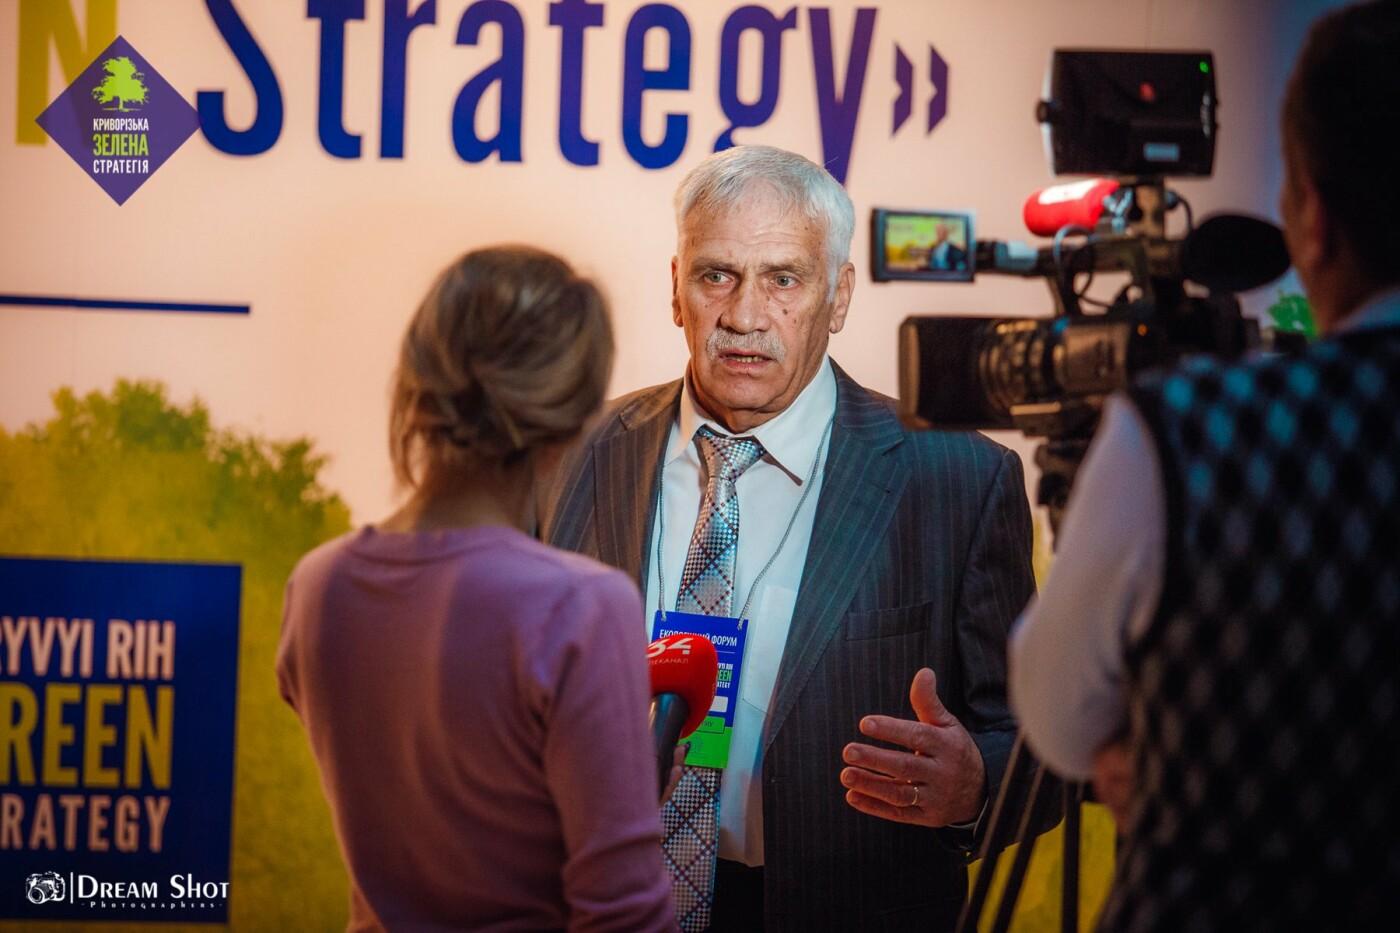 Эксперты со всей страны предложили Кривому Рогу пути решения экологических проблем на форуме Kryvyi Rih GREEN Strategy-2018, фото-2